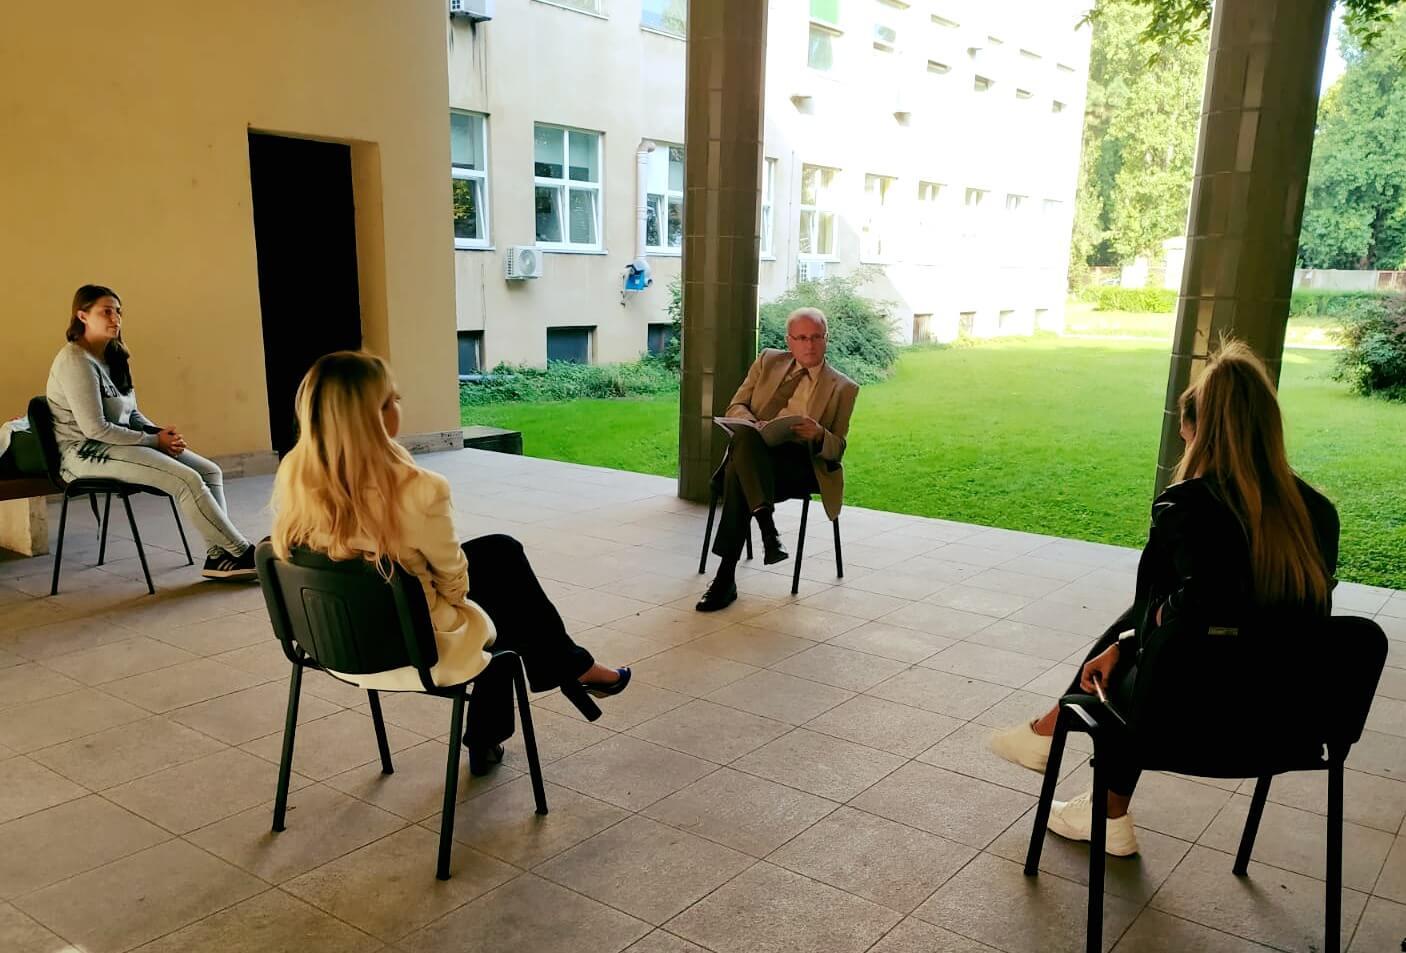 Iskoristio toplo vrijeme: Zagrebački profesor ispit je održao ispred fakulteta